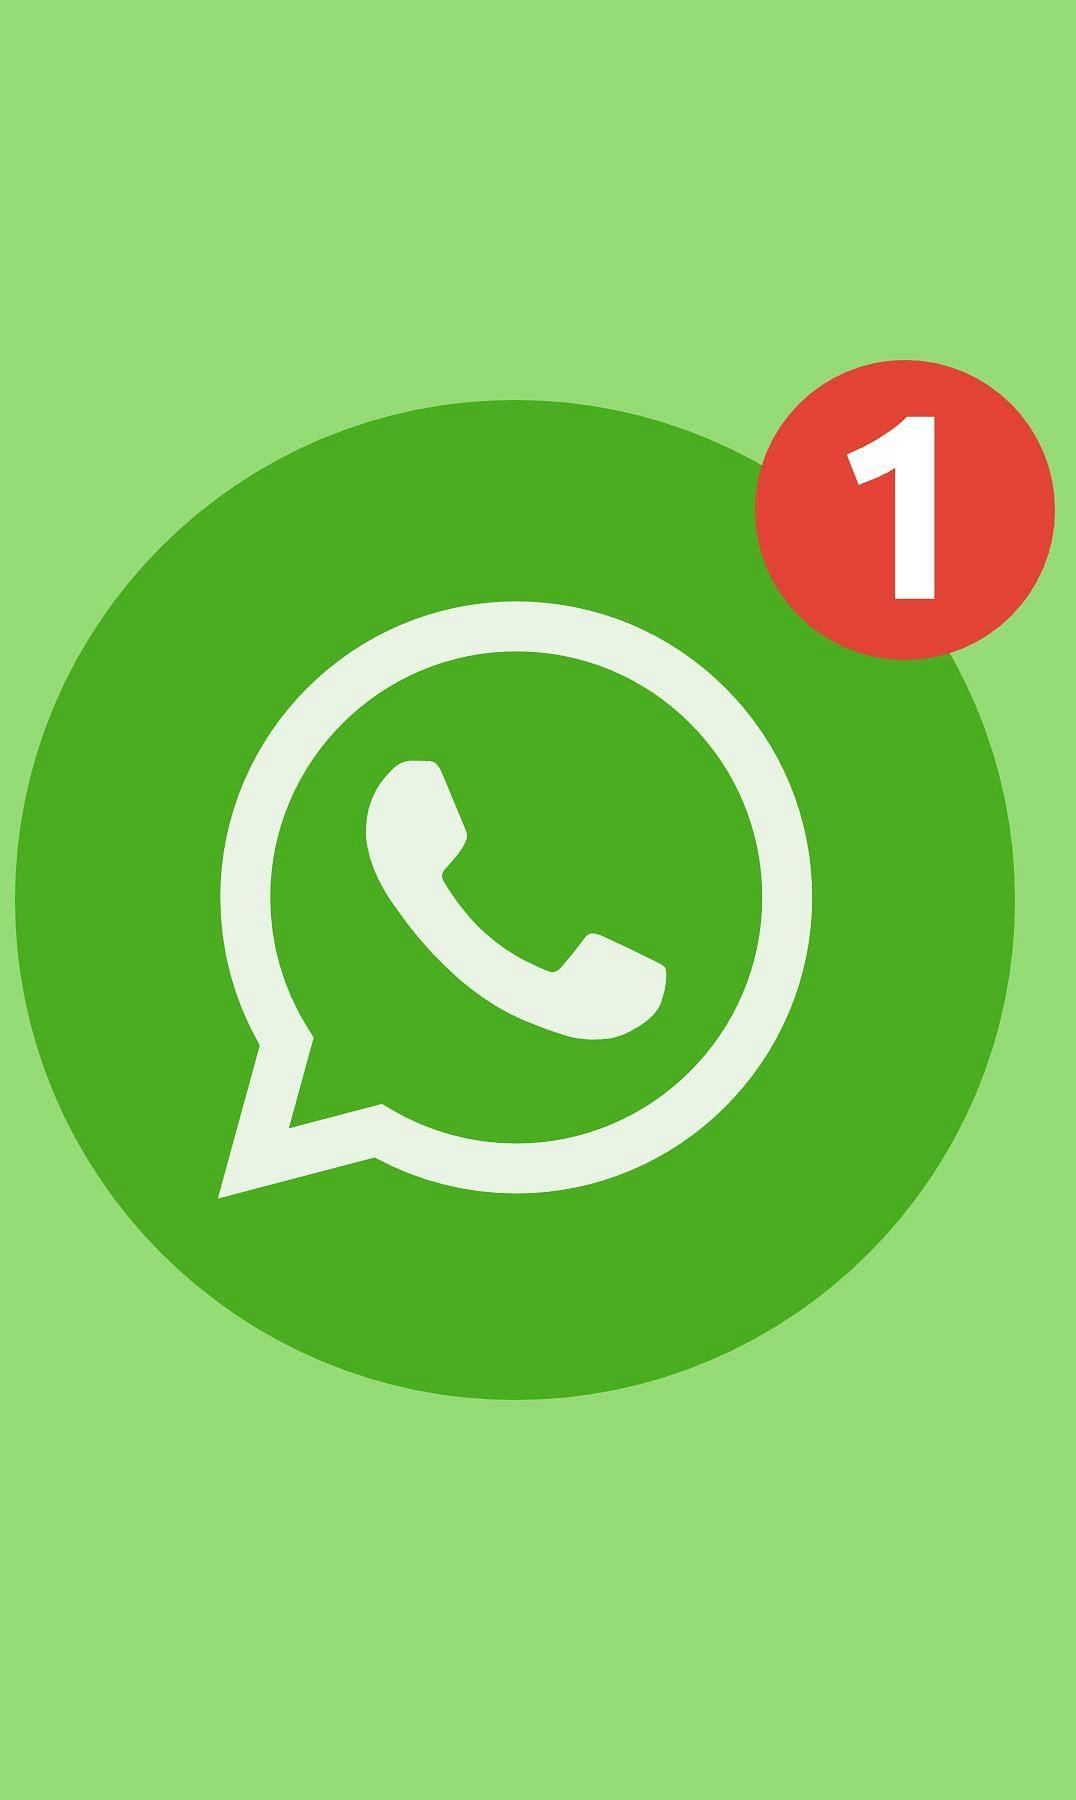 WhatsApp Tricks: बिना नंबर सेव किये भेजें किसी को भी मैसेज, जान लें आसान तरीका